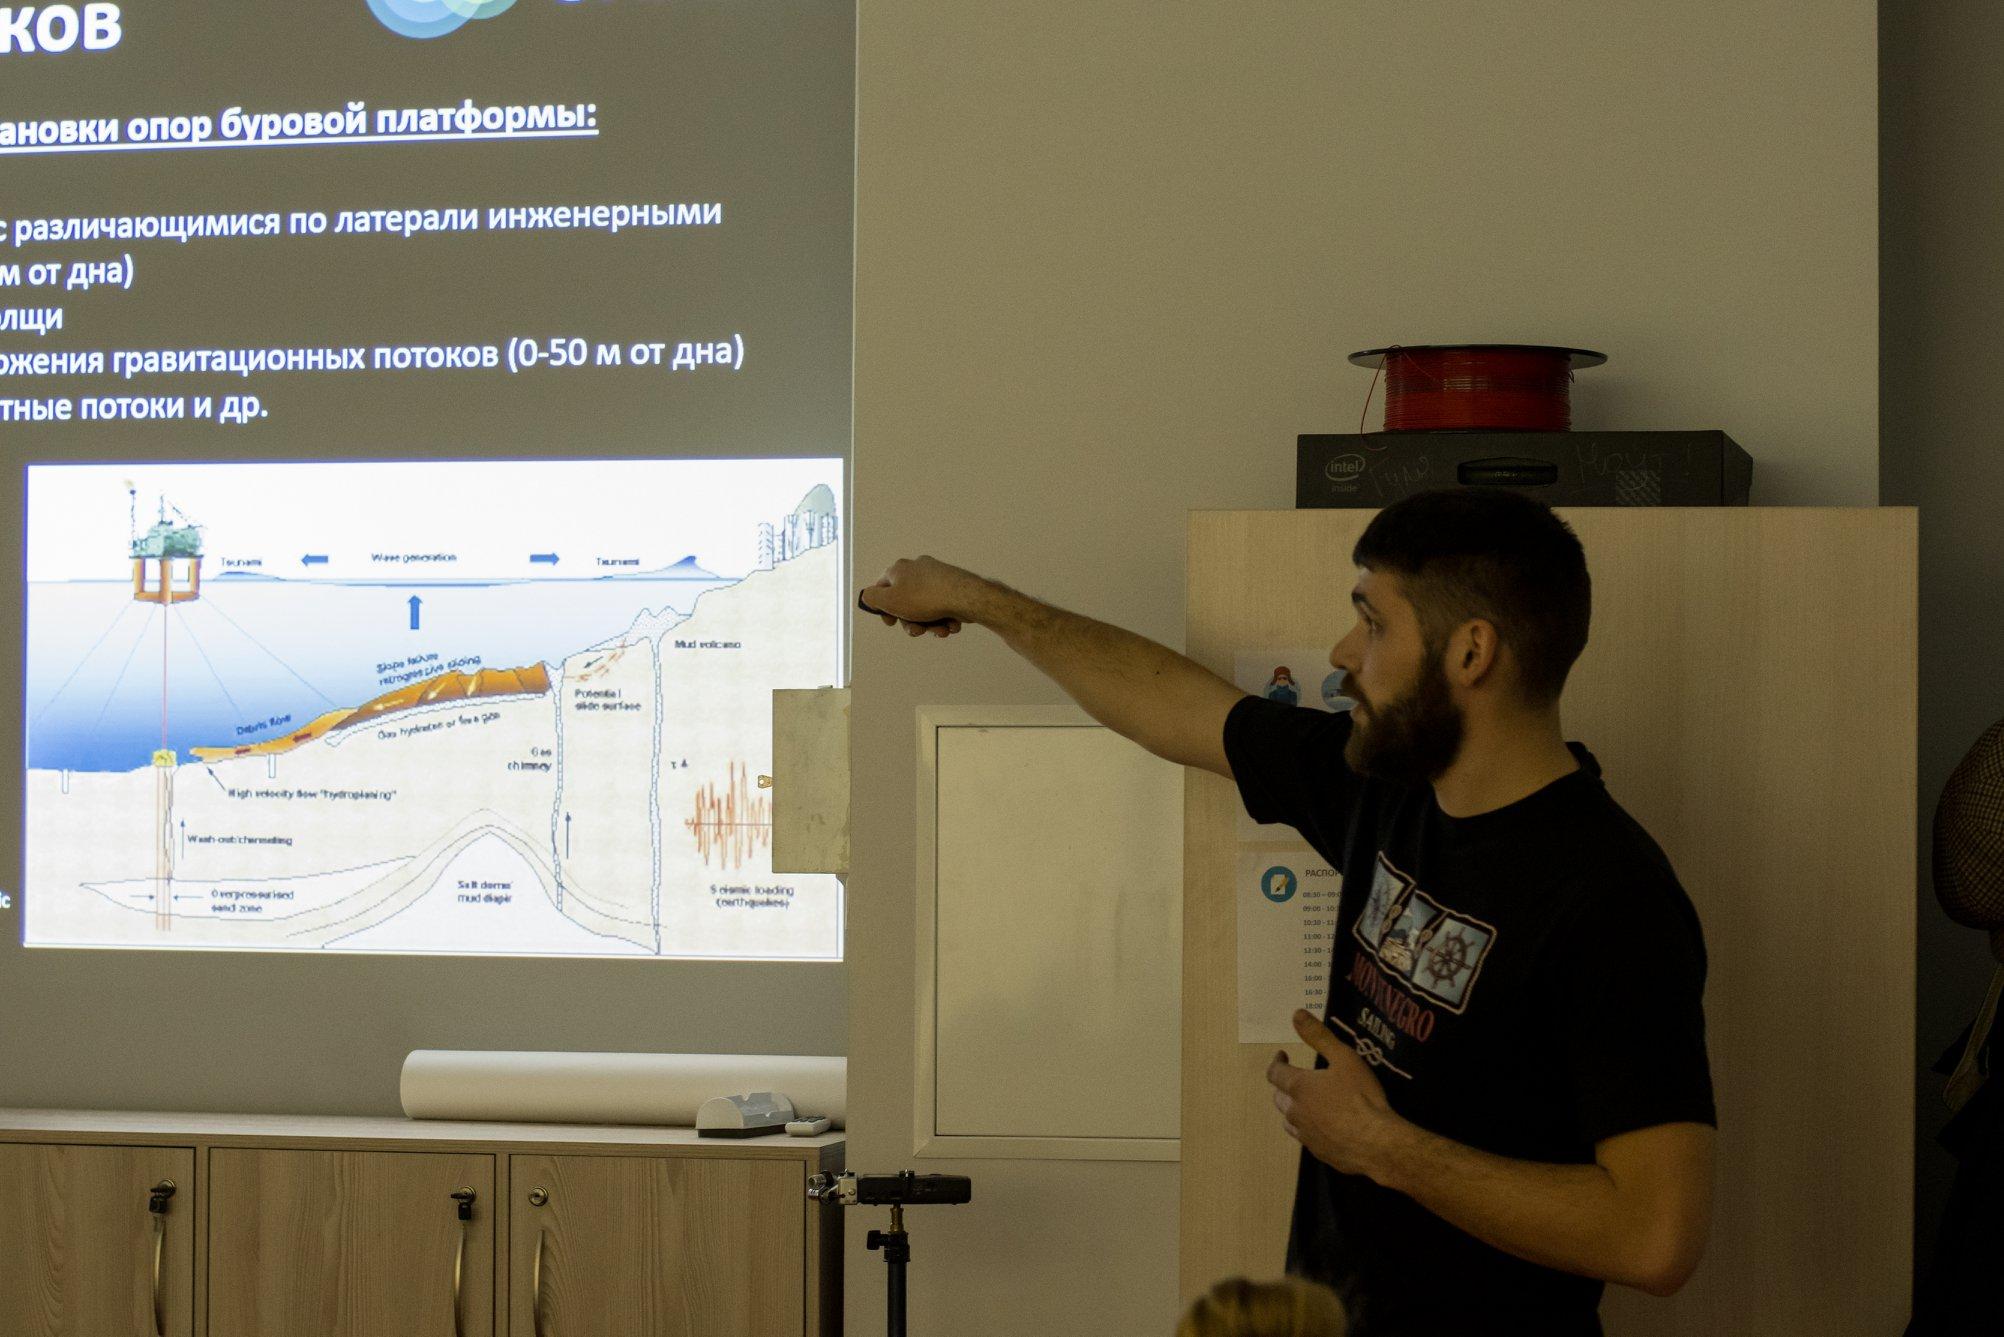 Технология SplitMultiSeis для 2D и 3D инженерной сейсморазведки